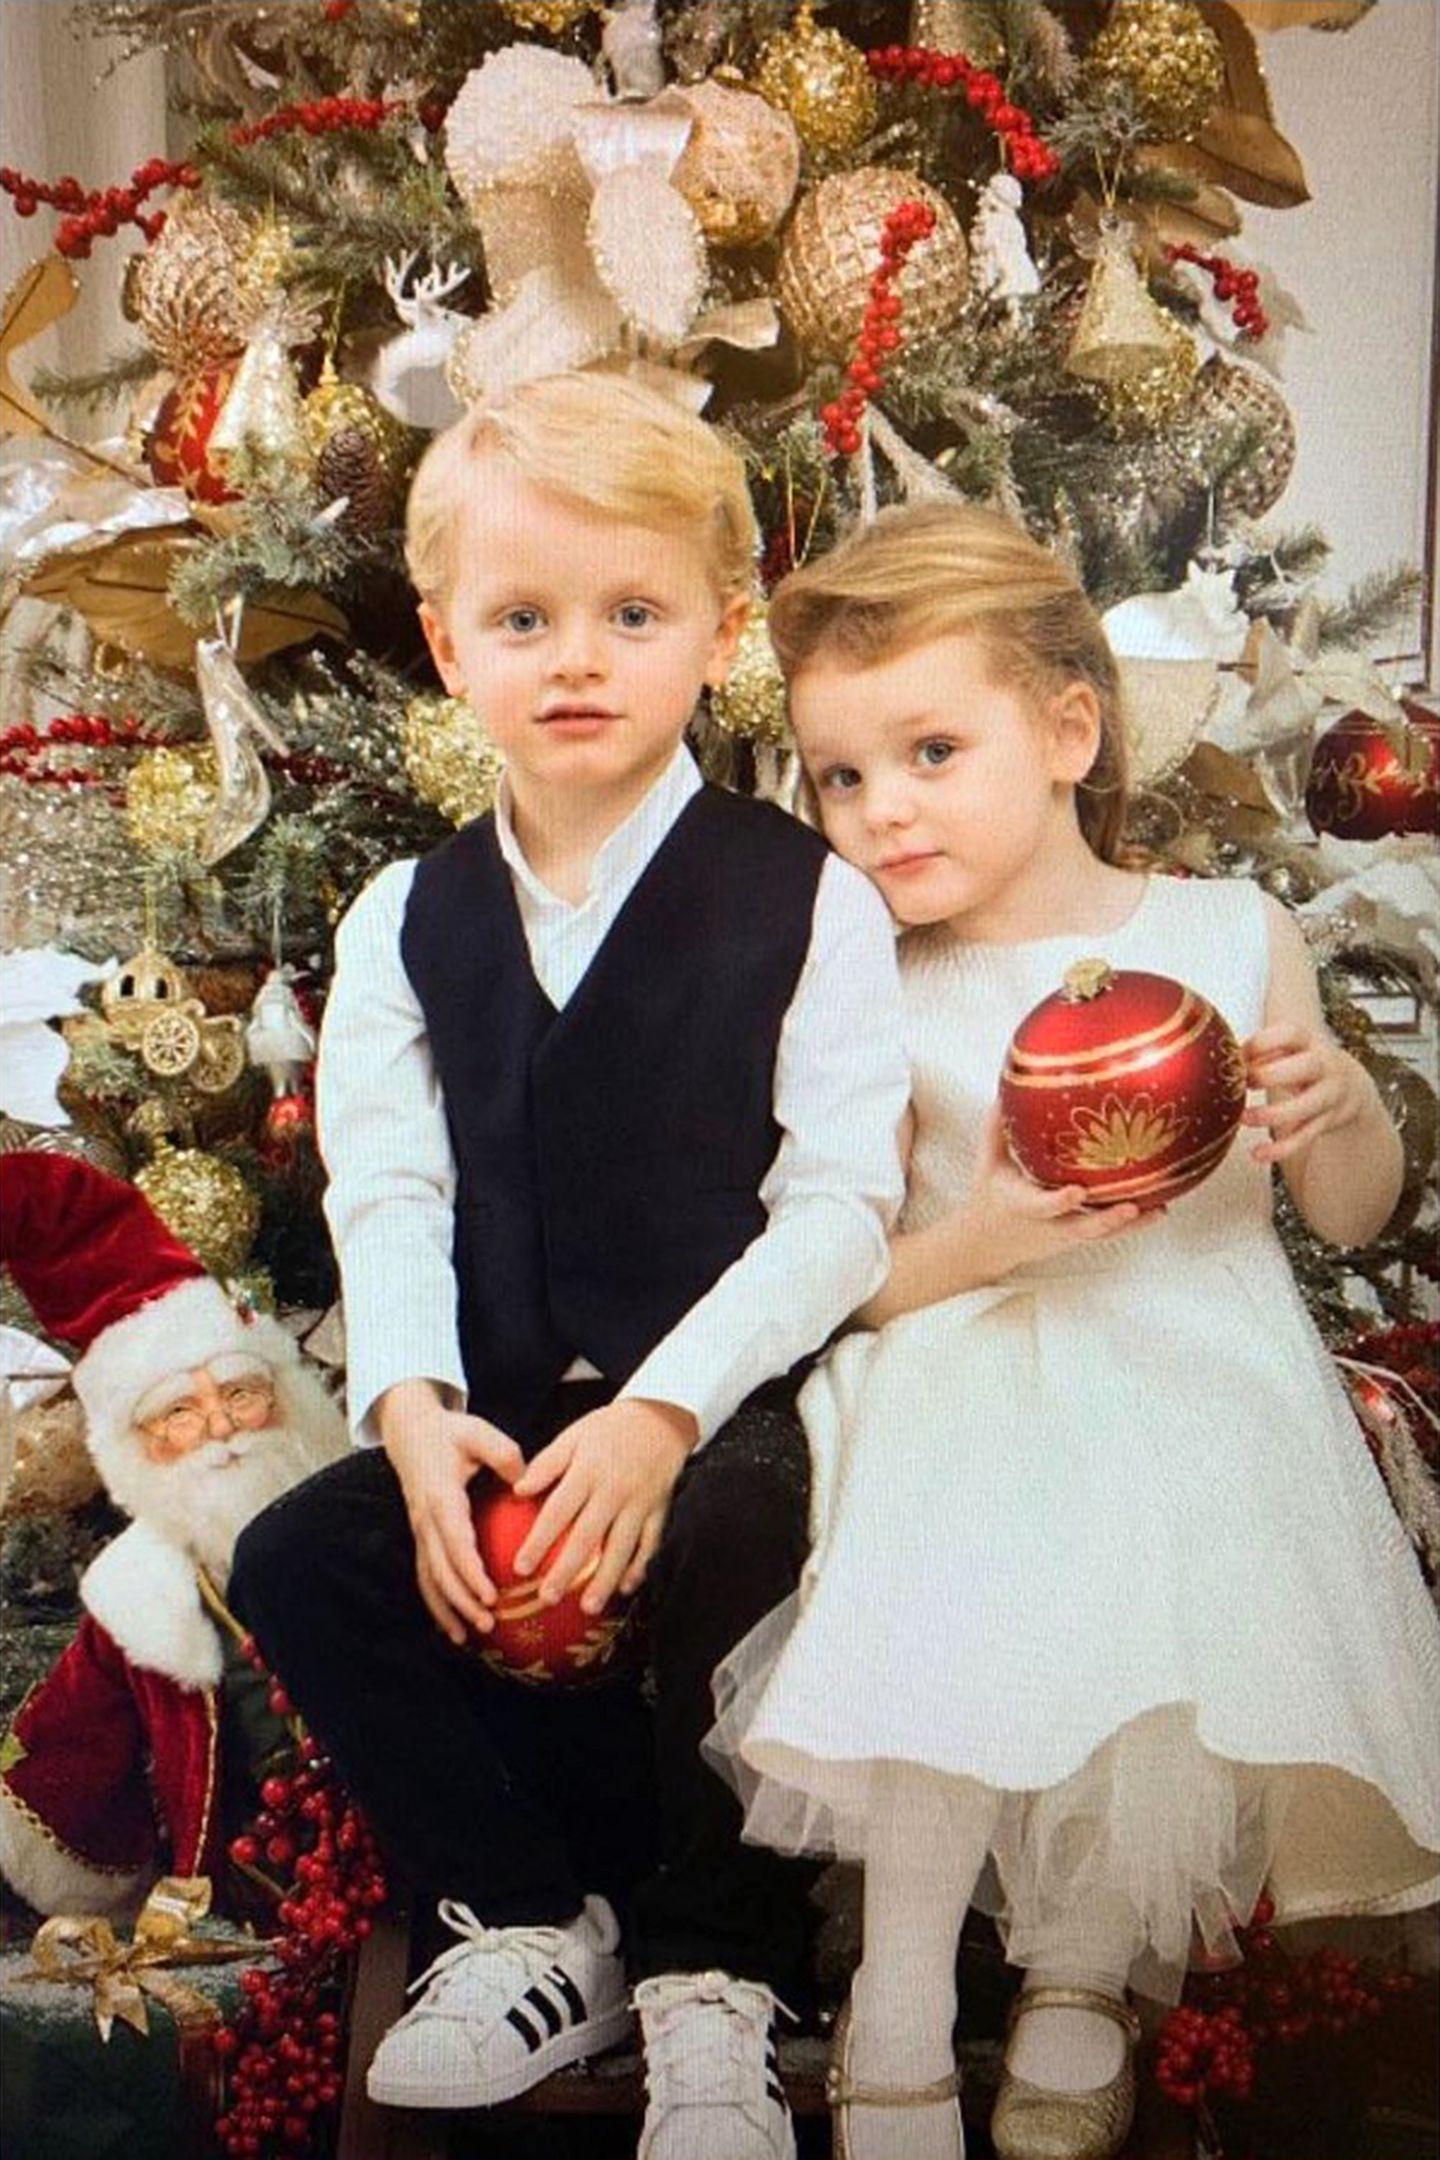 Jacques und Gabriella scheinen fleißig zu helfen: Mama Charlène postet auf ihrem Instagram-Account dieses Foto ihrer Zwillinge unter dem Weihnachtsbaum. Während Jacques zu seinem Festtagsoutfit coole Adidas-Sneaker trägt, entscheidet sich Gabriella für klassische Schläppchen.